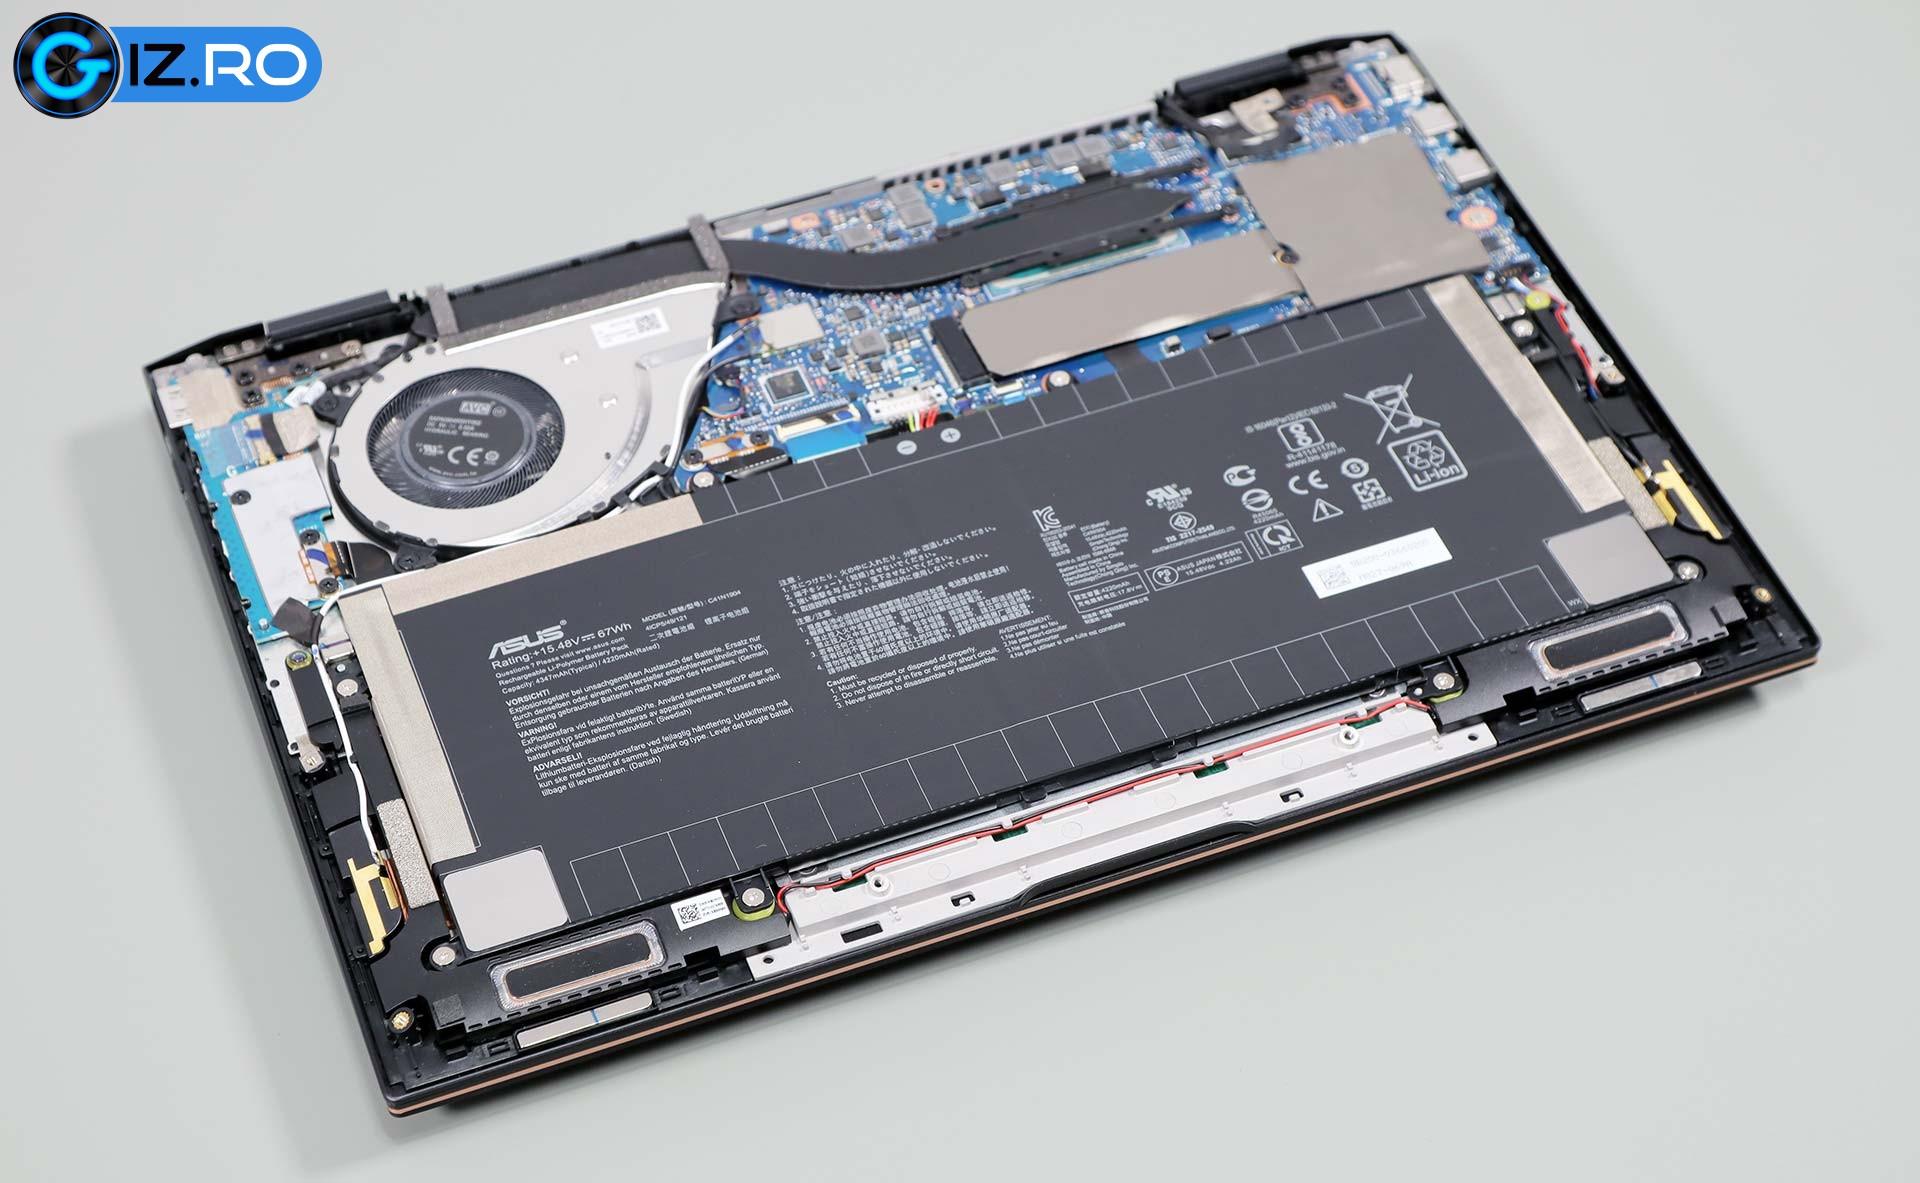 asus-zenbook-ux371-internals-speakers-battery